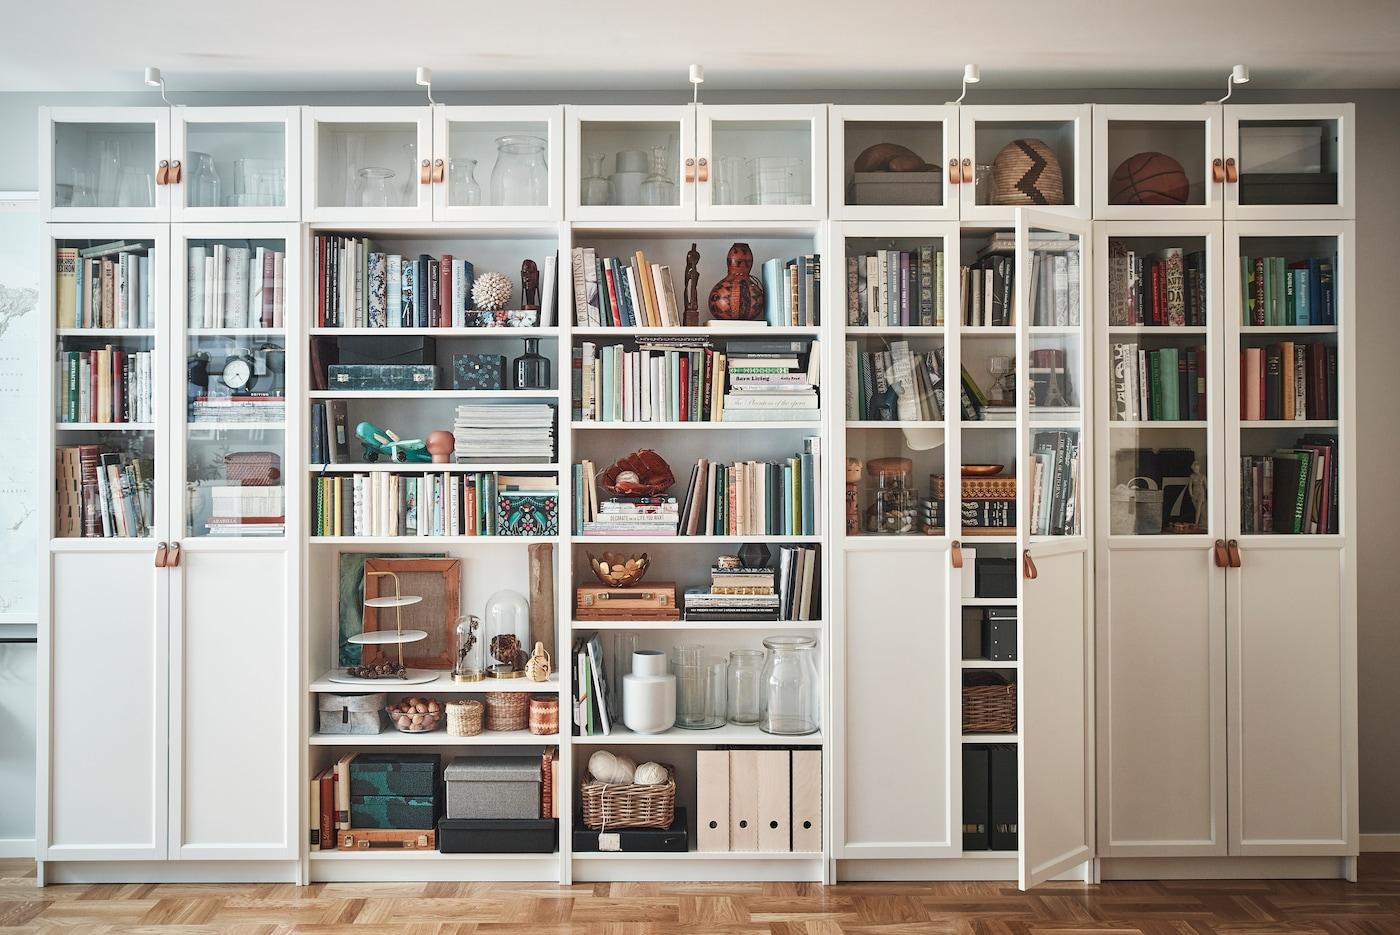 Vit bokhyllekombination BILLY byggd på höjden med vitrindörrar och integrerad belysning.